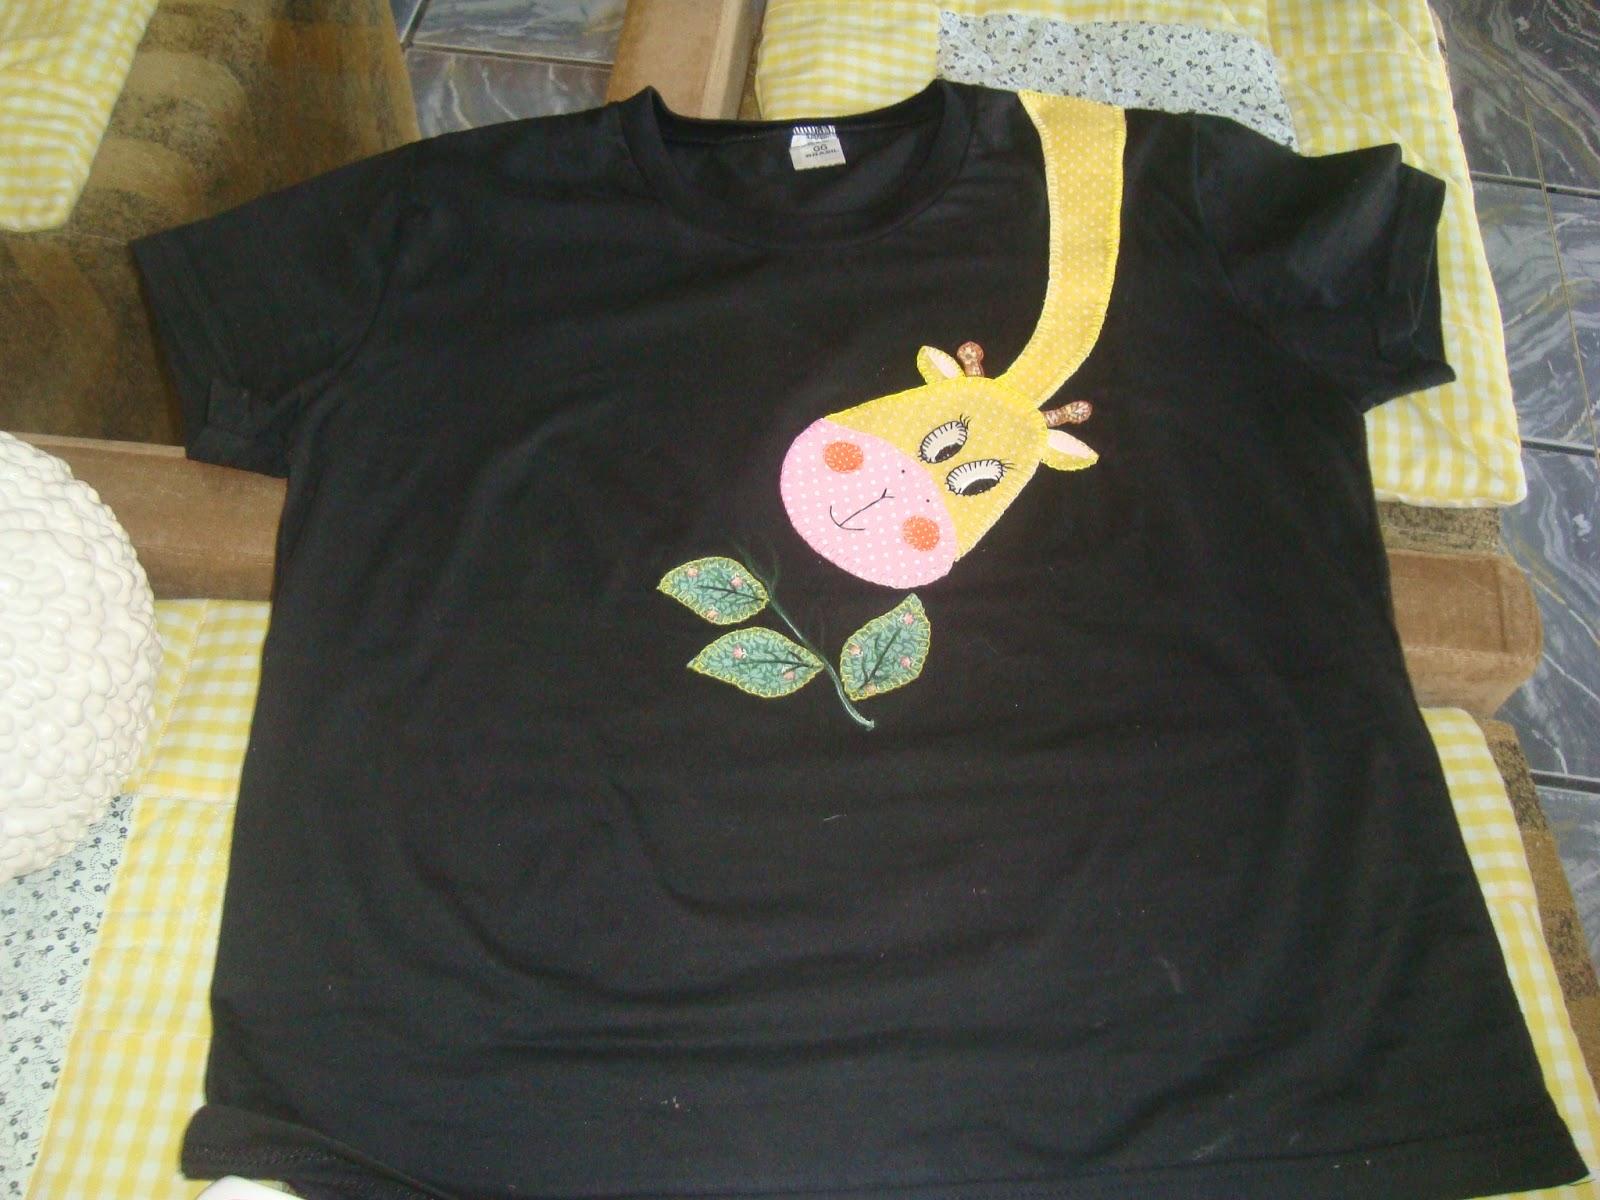 Oi arteira, esta camiseta em patchaplique uma graciosa girafa.